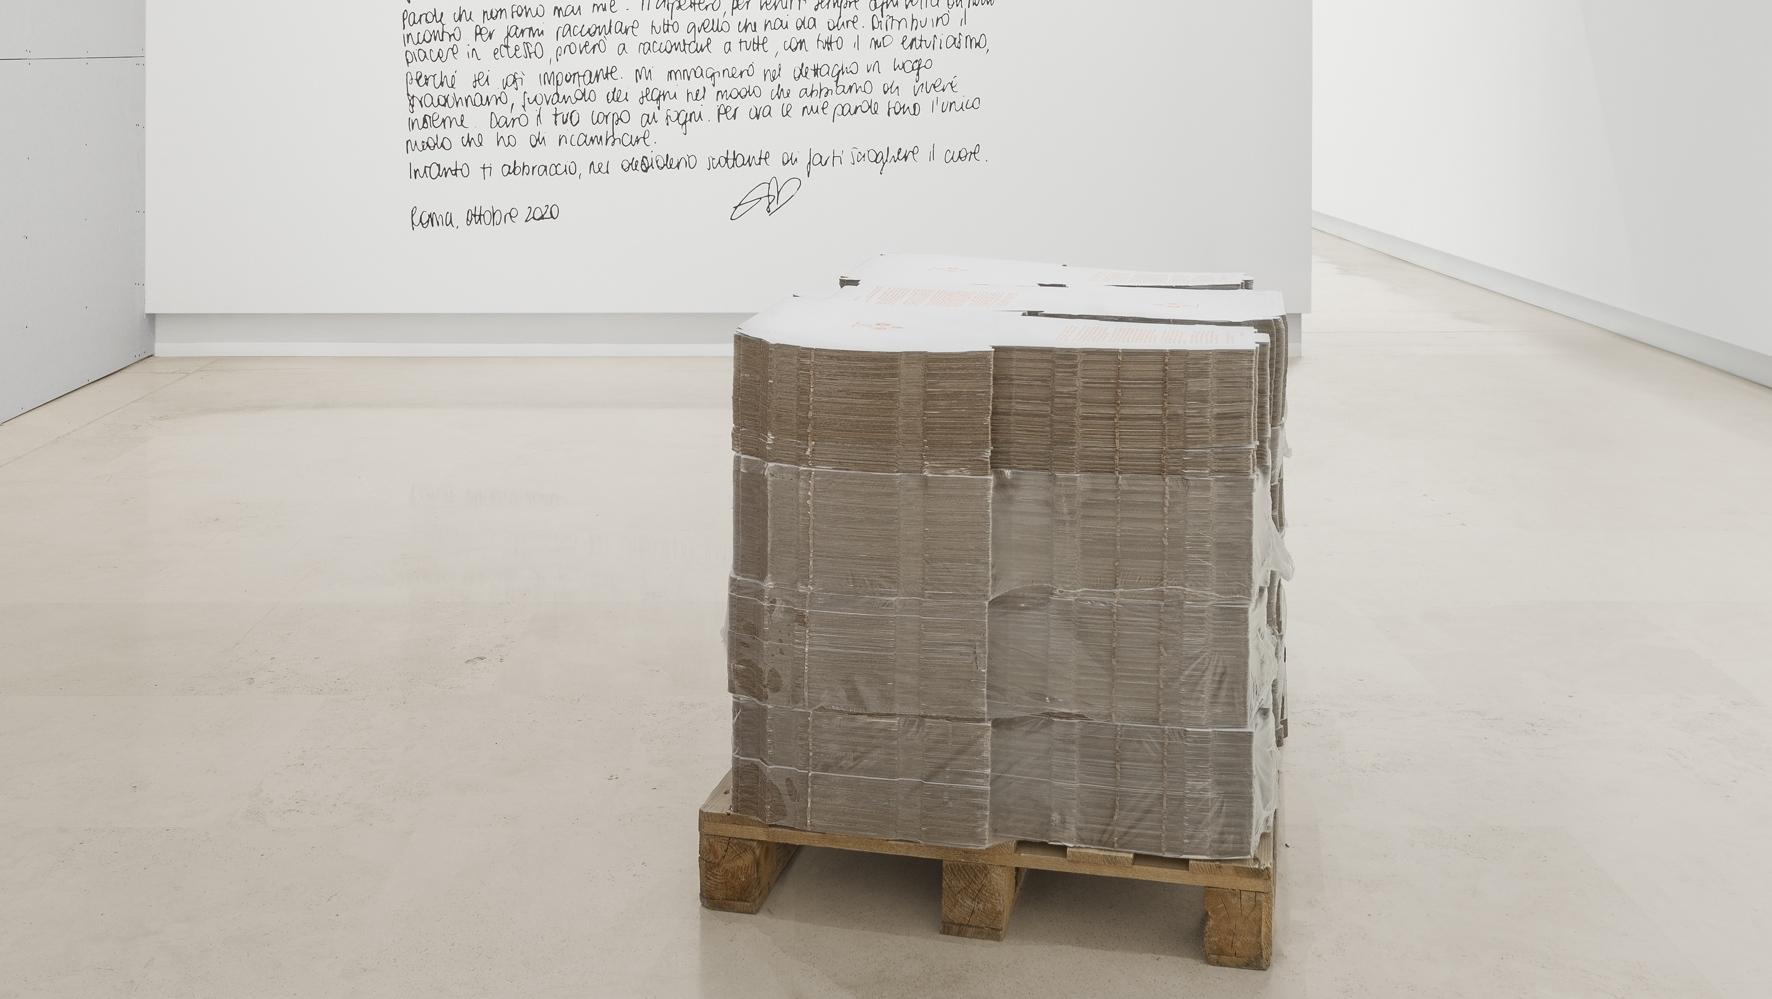 Giulia Crispiani vince il Premio Giovani Collezionisti per Quadriennale d'arte 2020